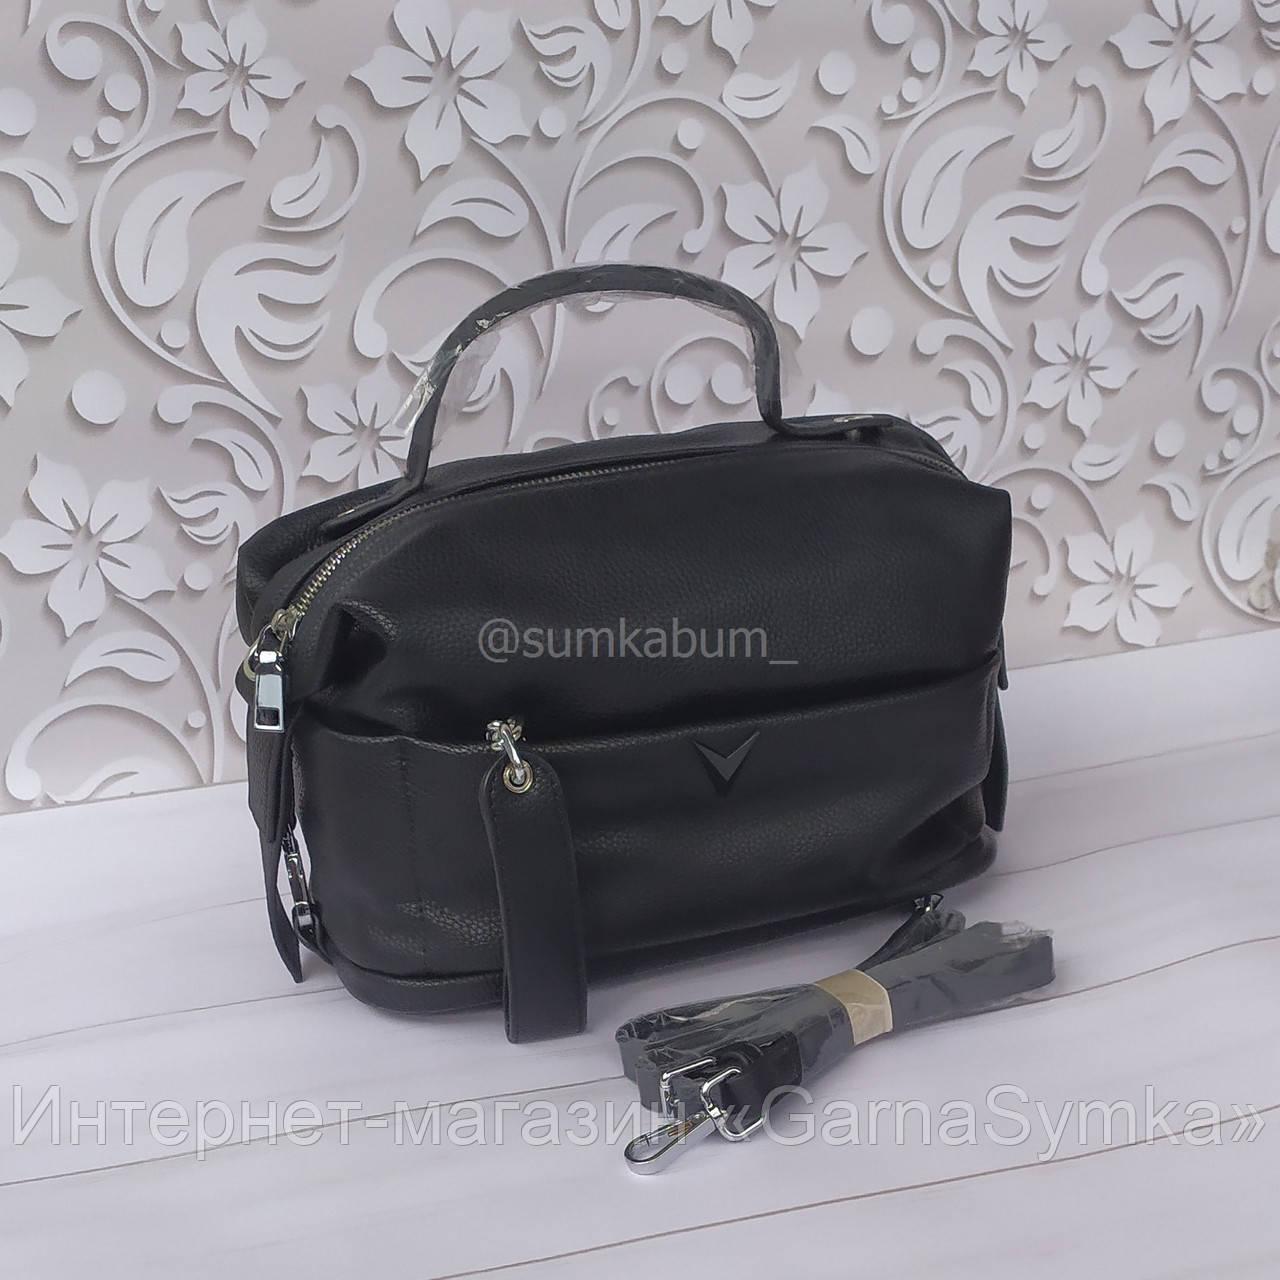 Очень классная, мягкая сумка из натуральной кожи